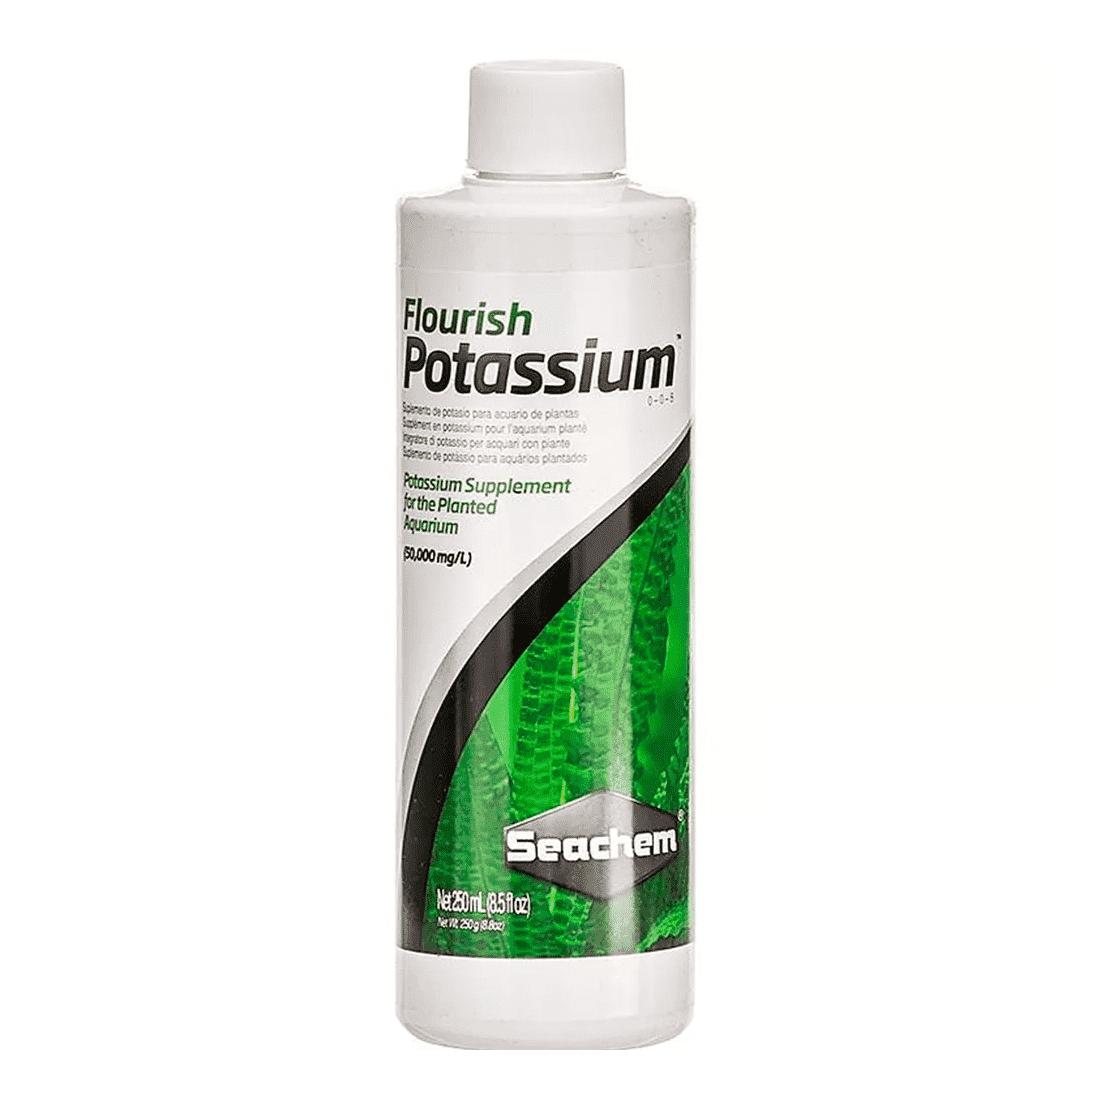 Seachem Flourish Potassium 250ml Fonte de Potássio Plantados